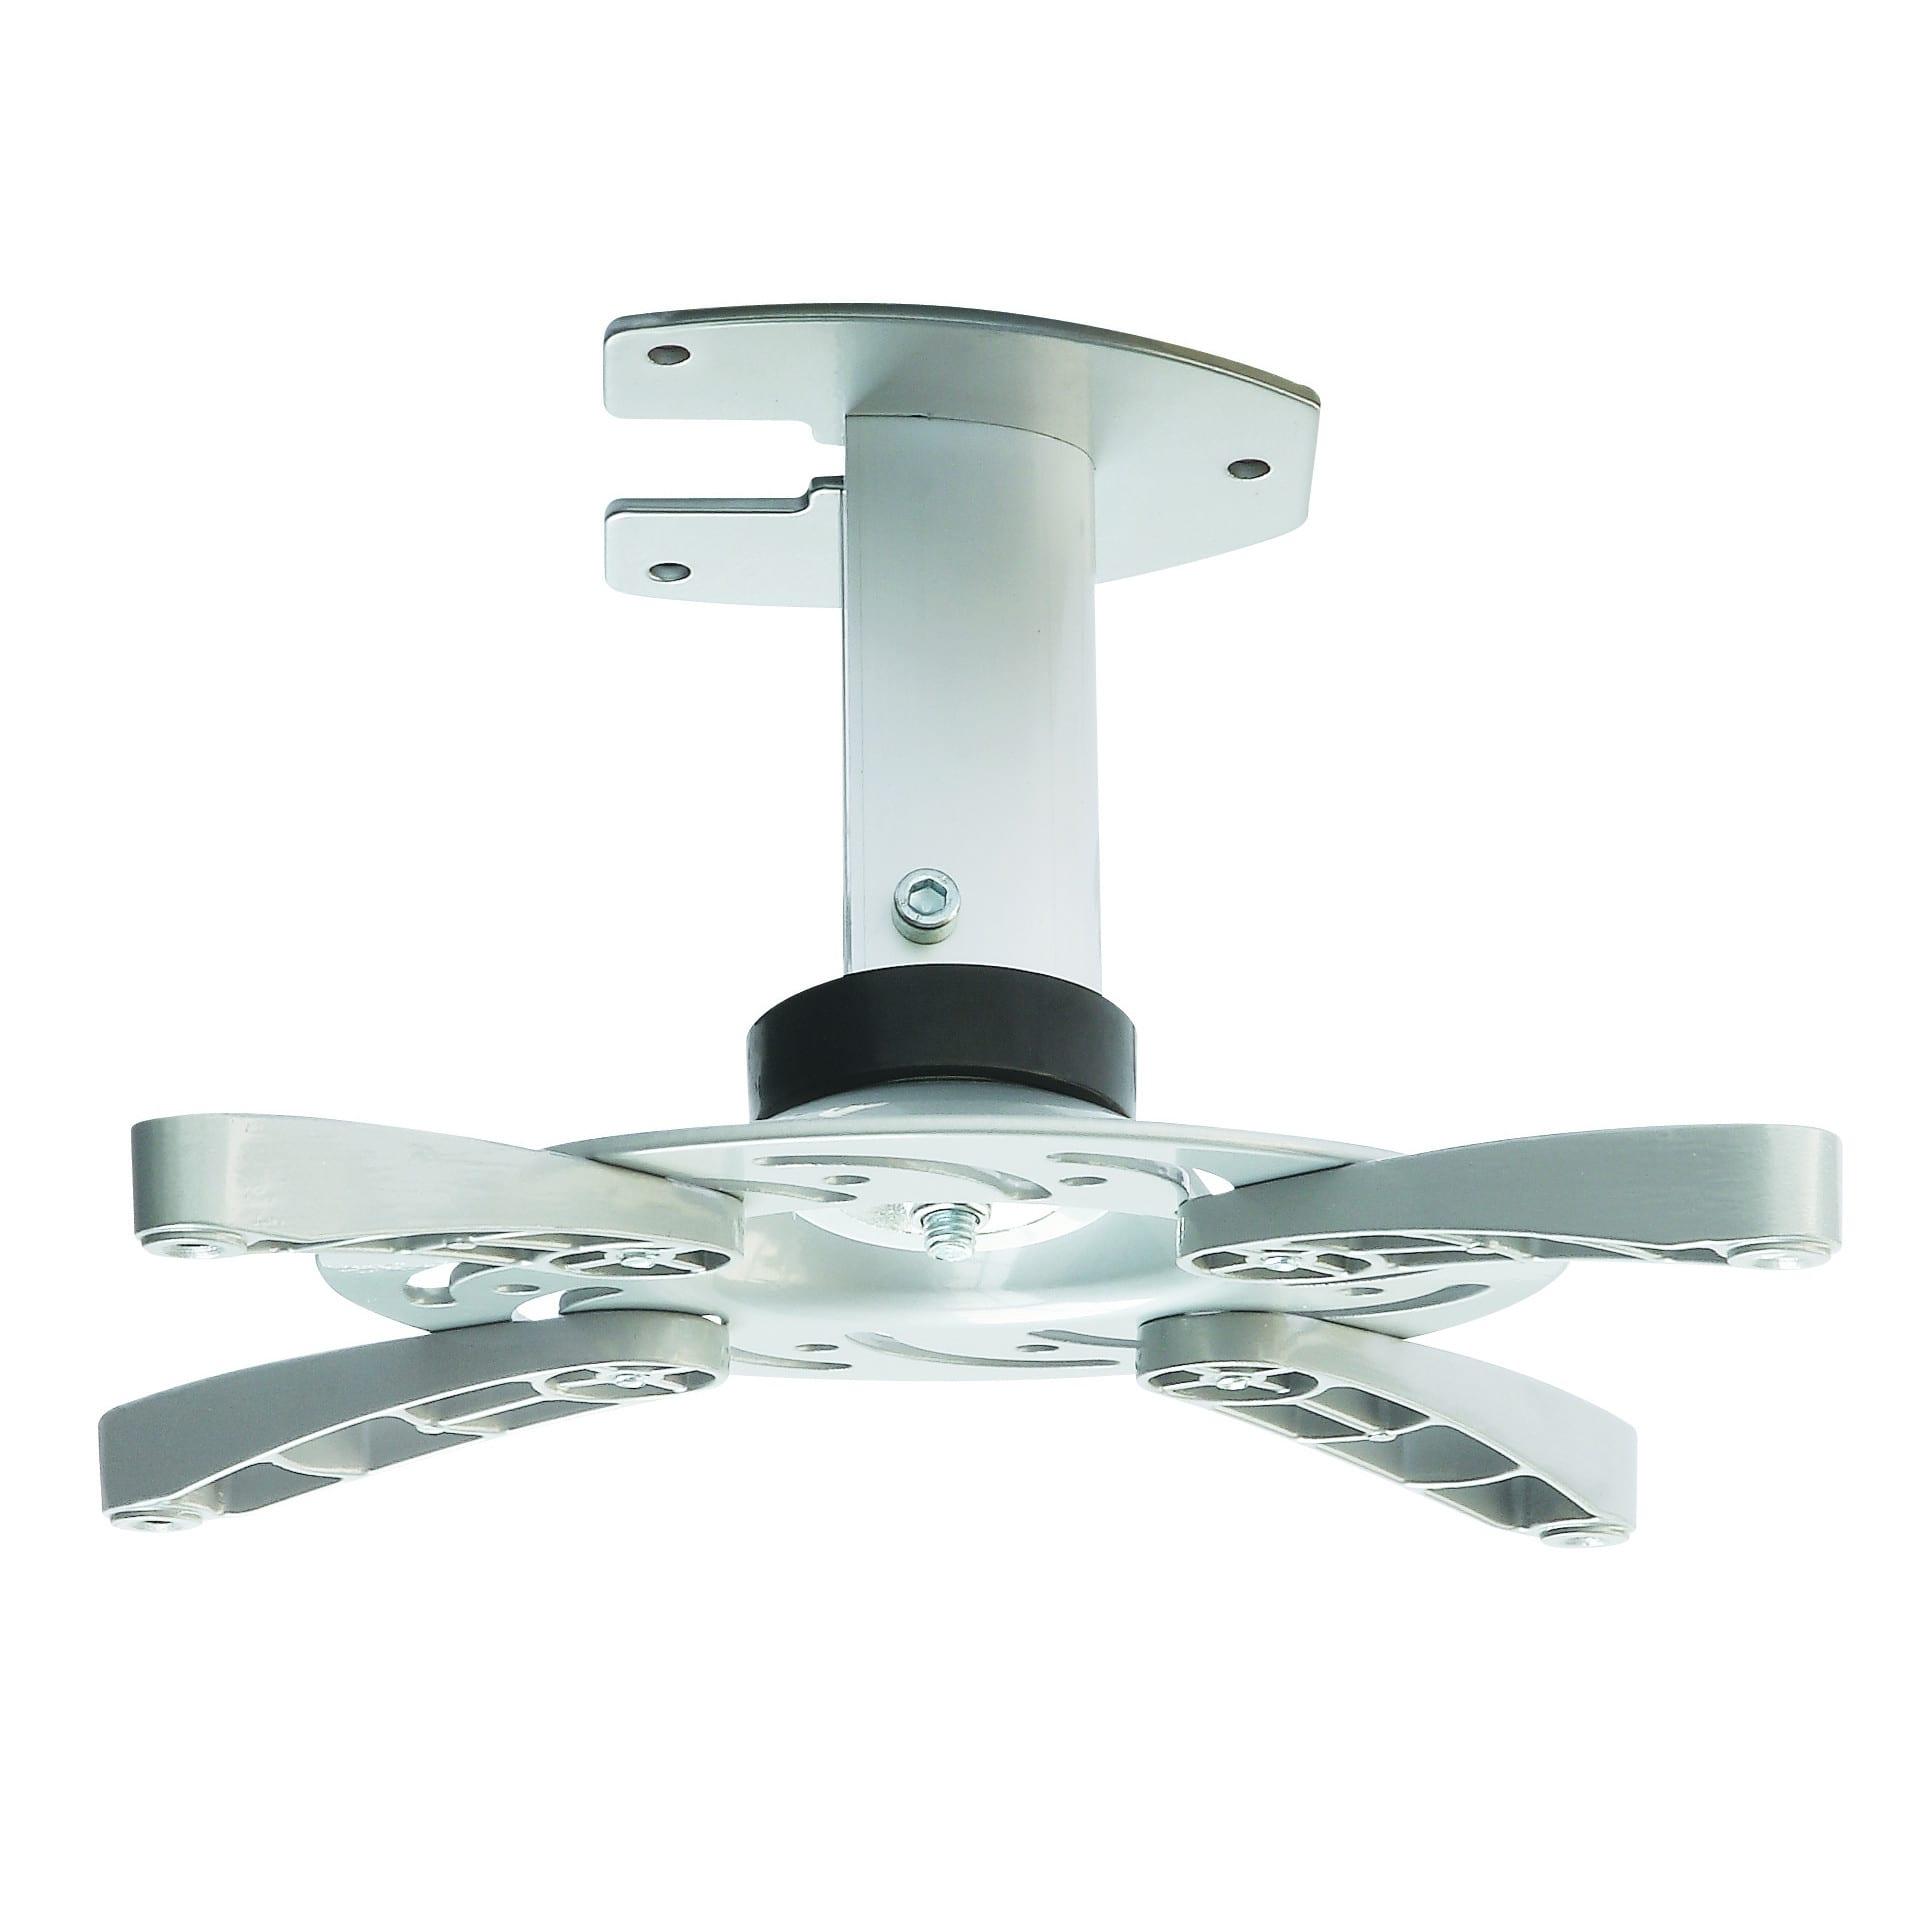 AV101 Universal Projector Ceiling Mount 16cm